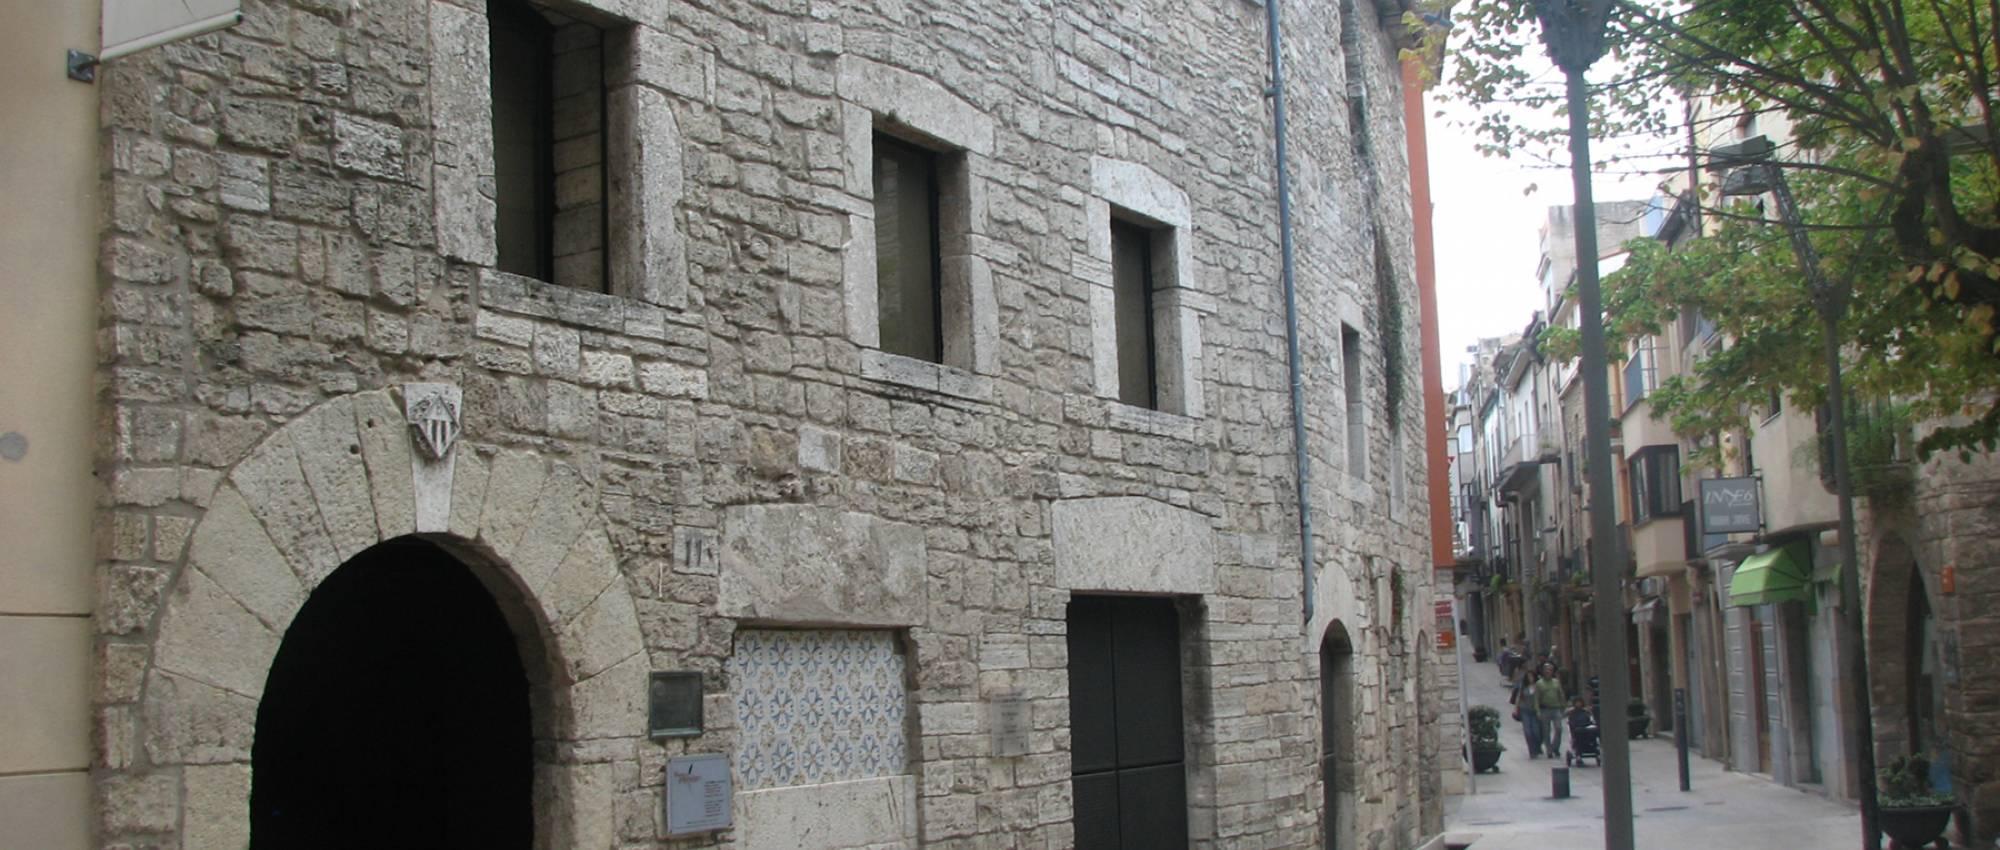 Façana del Palau de la Pia Almoina de Banyoles. Joan301009 / Wikimedia Commons. CC BY-SA 3.0